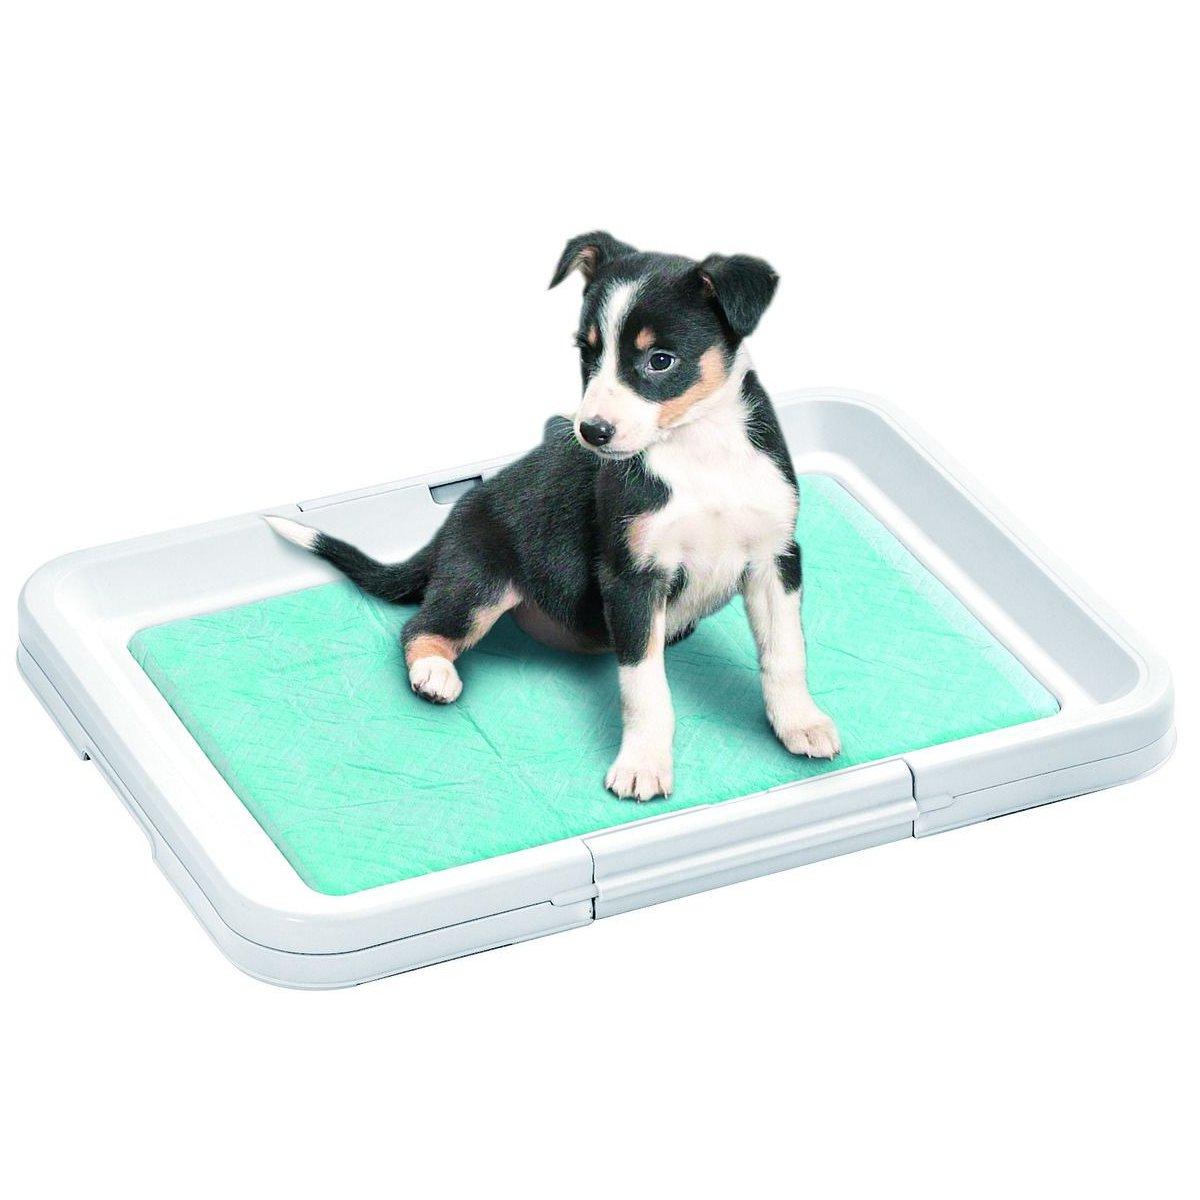 Karlie Toaleta plochá pro štěně, 49,5x39,5x4 cm